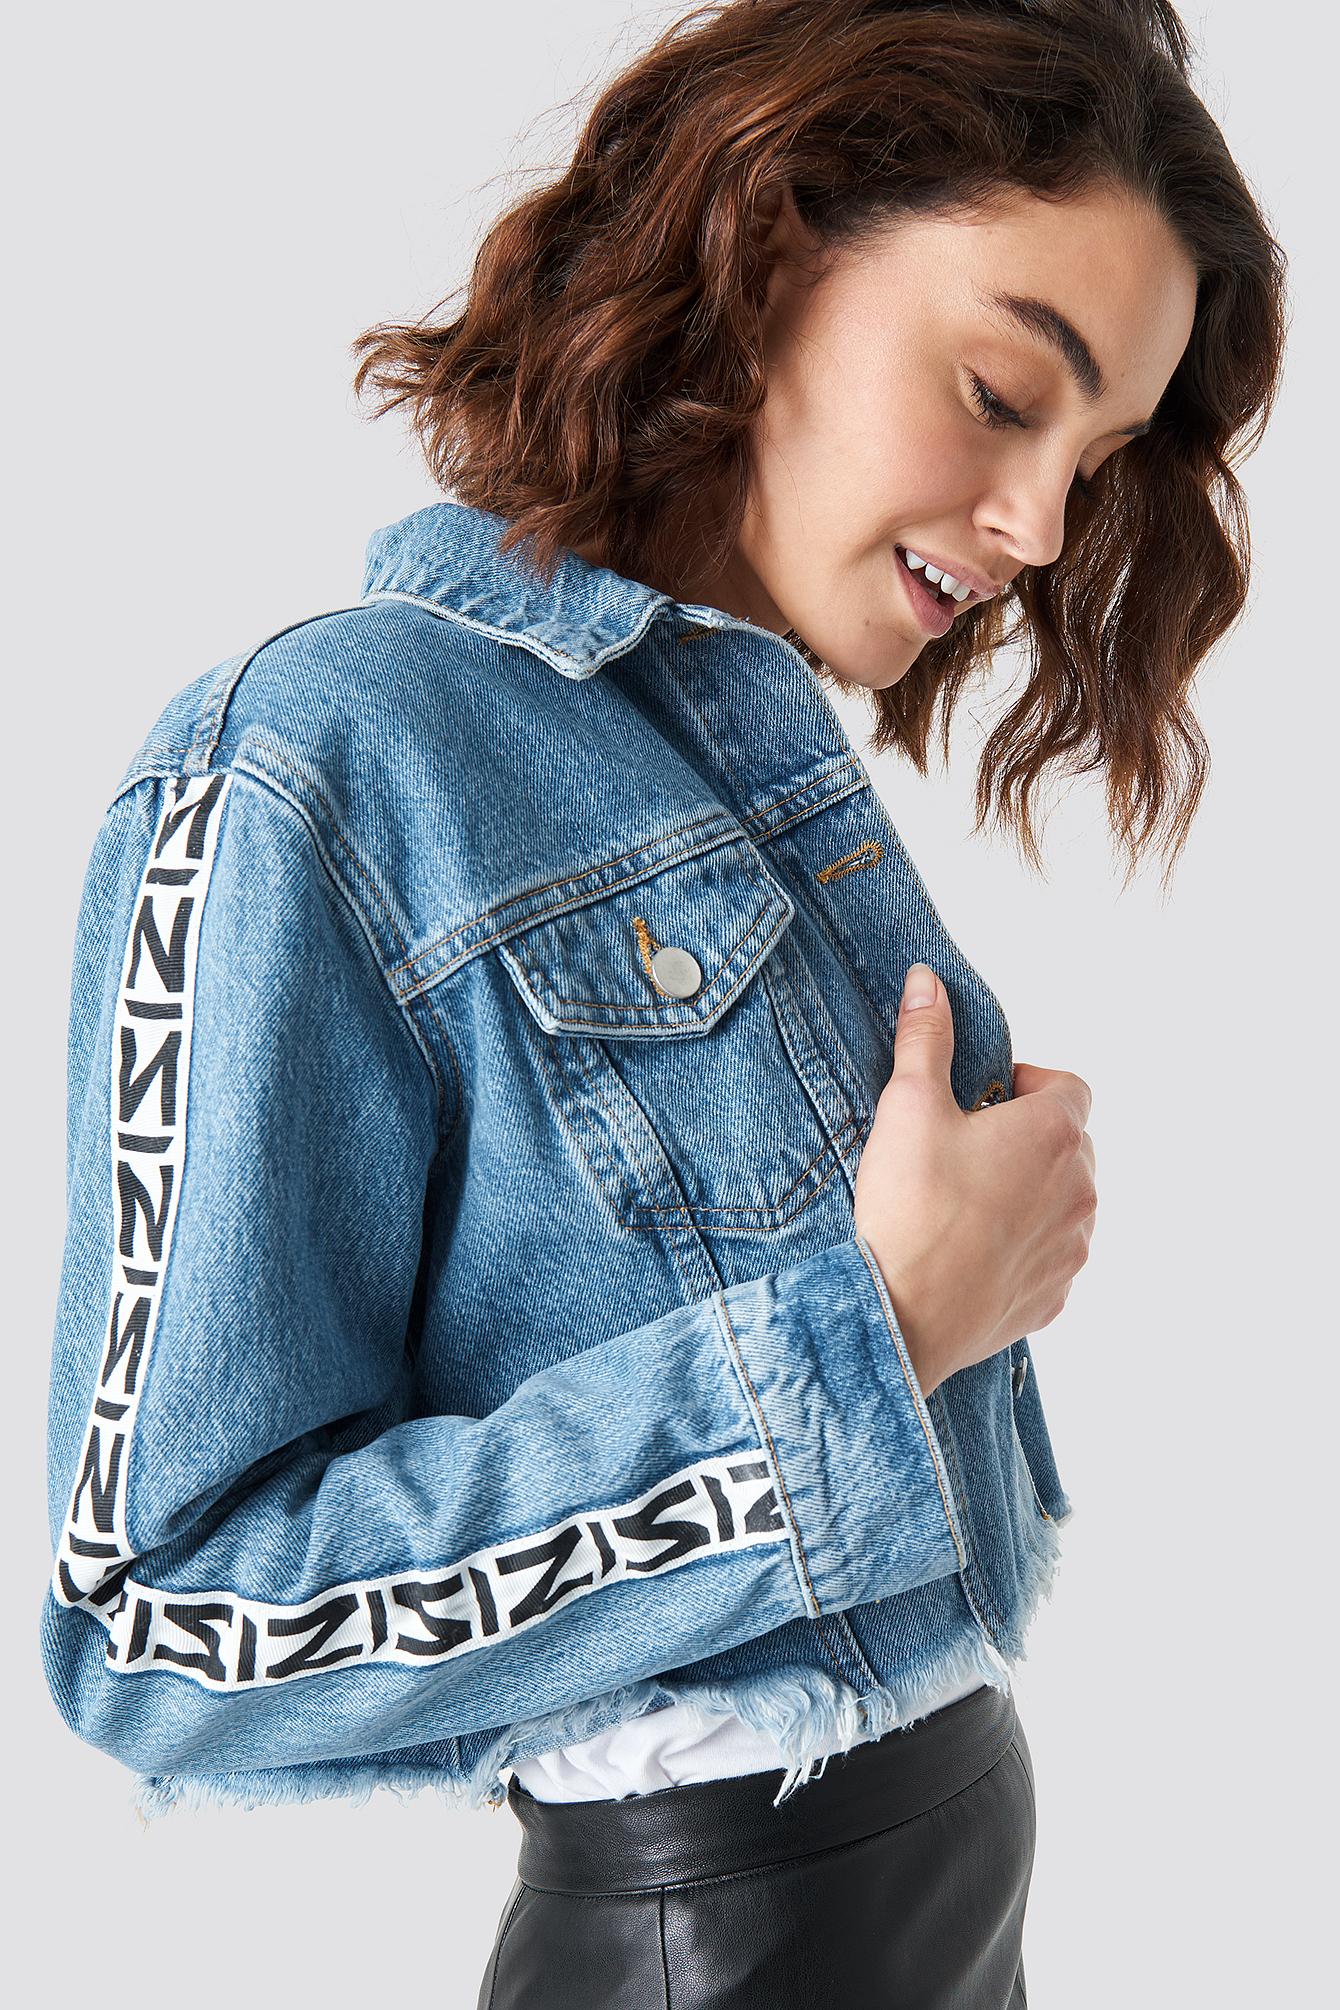 N Branded Denim Jacket NA-KDLOUNGE.DE